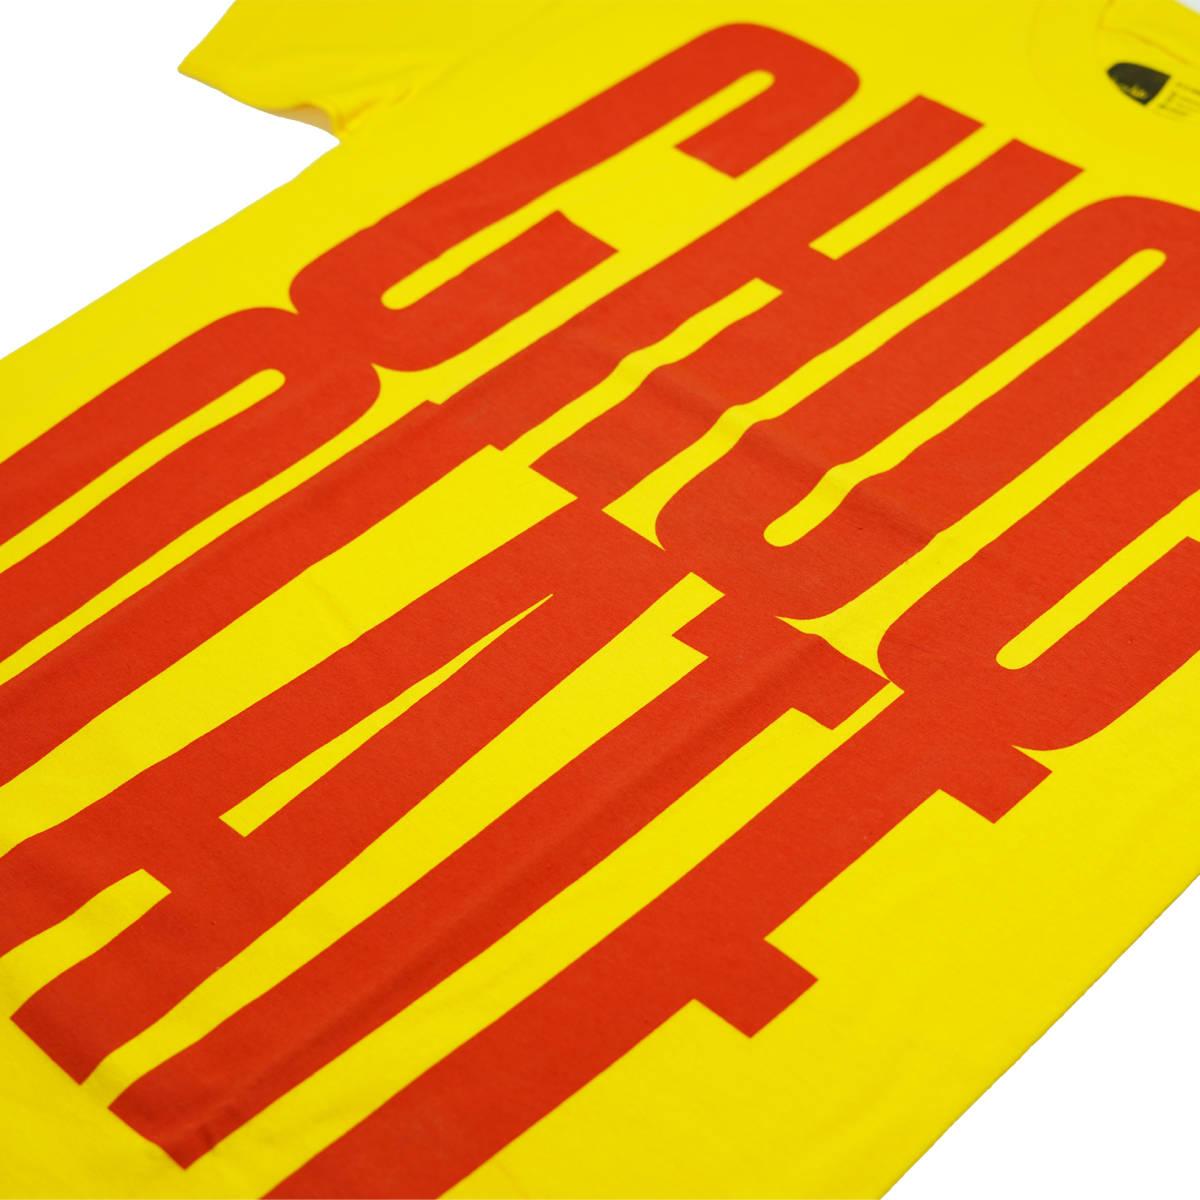 新品 CHOCOLATE BIG LOGO TEE/YELLOW M チョコレート スケートボード ビッグロゴ メンズ Tシャツ 半袖 イエロー